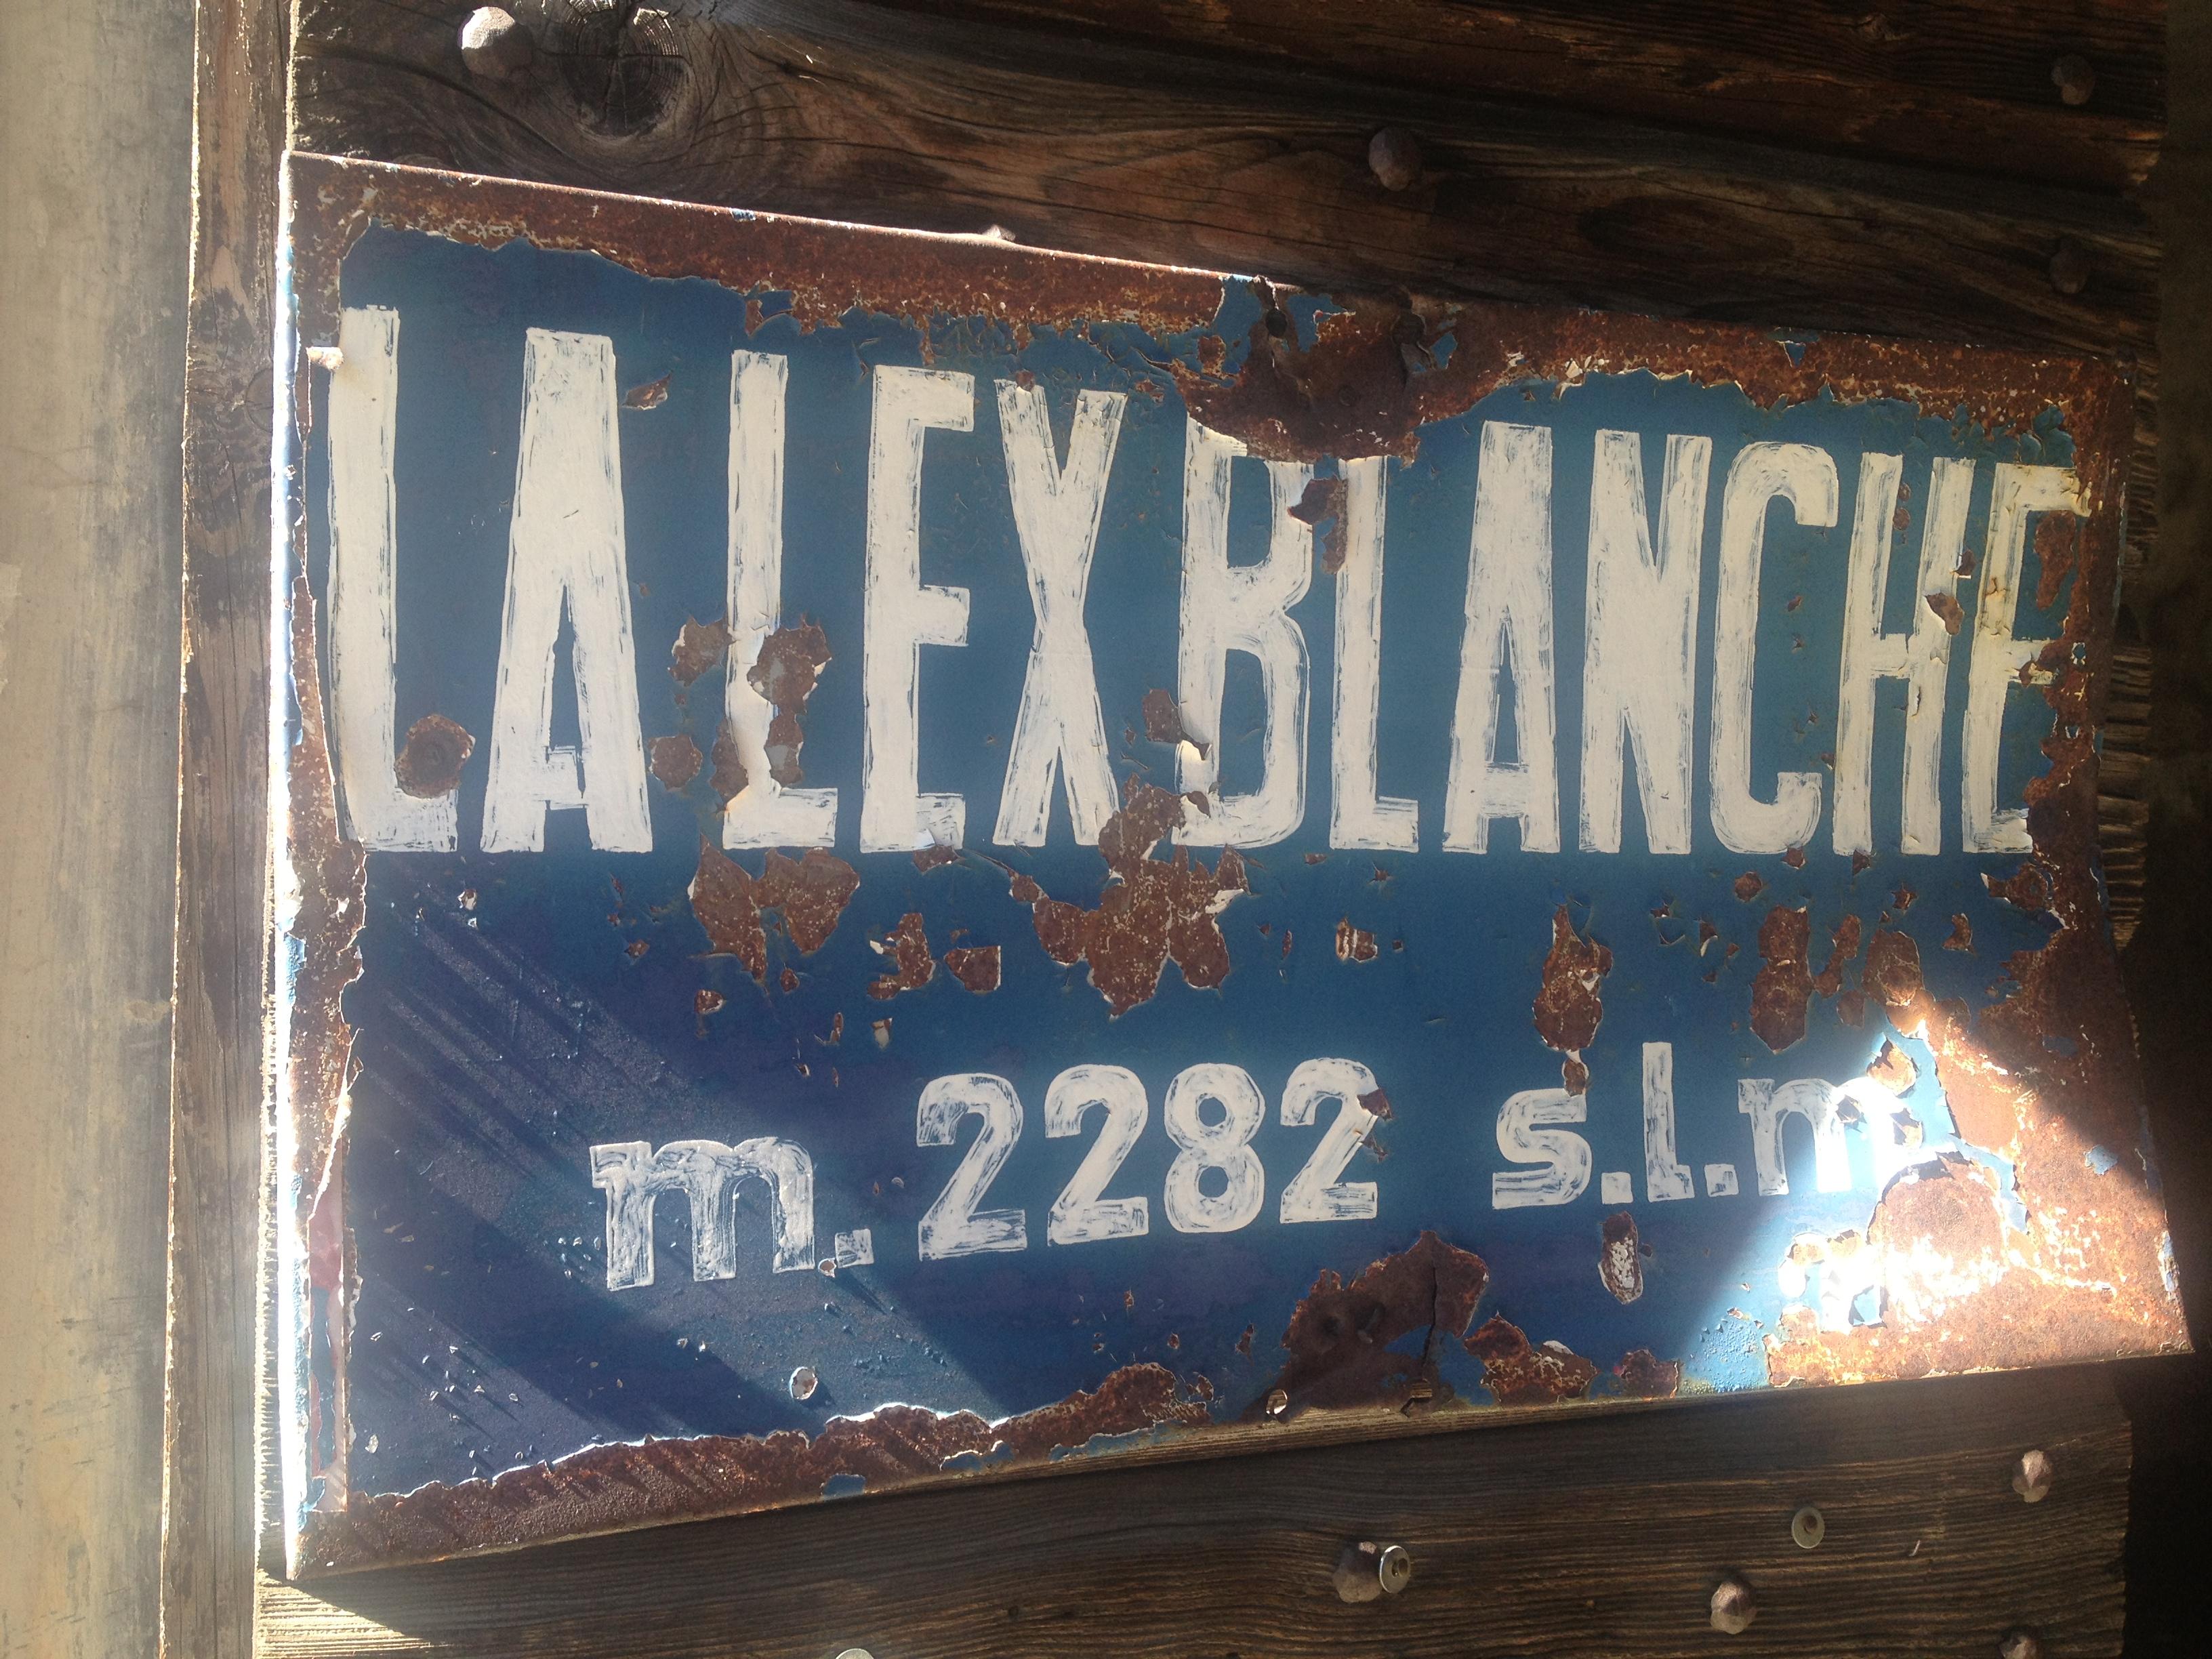 La Lex Blanche